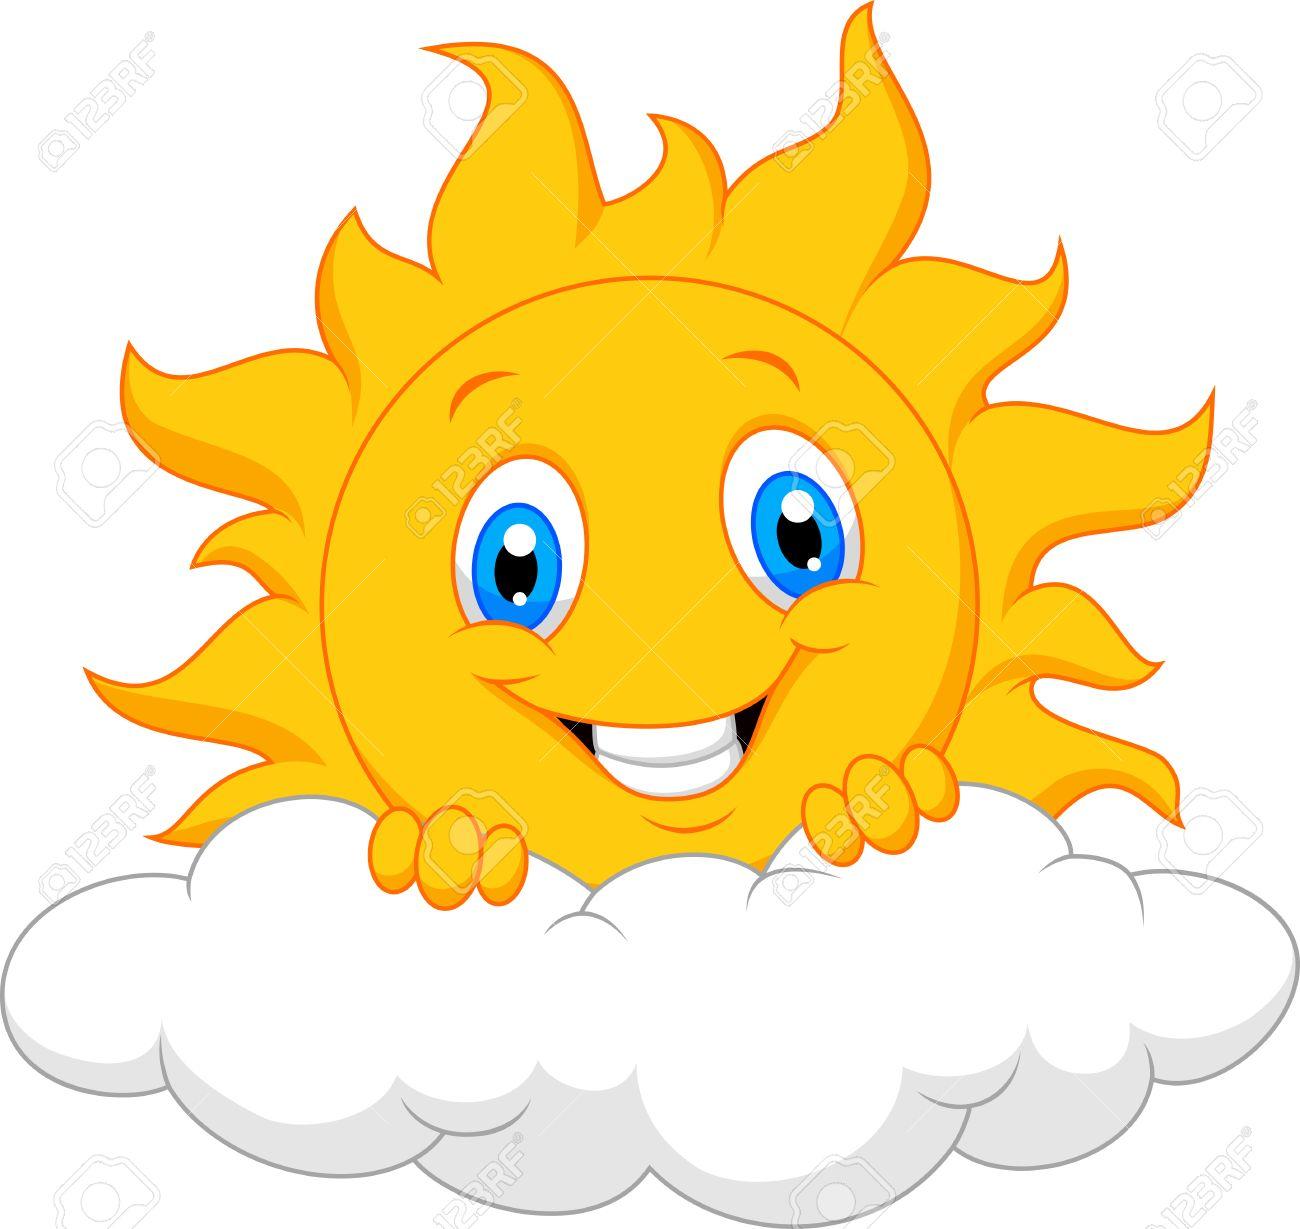 Cartoon Sun Stock Photos And Images 123rf